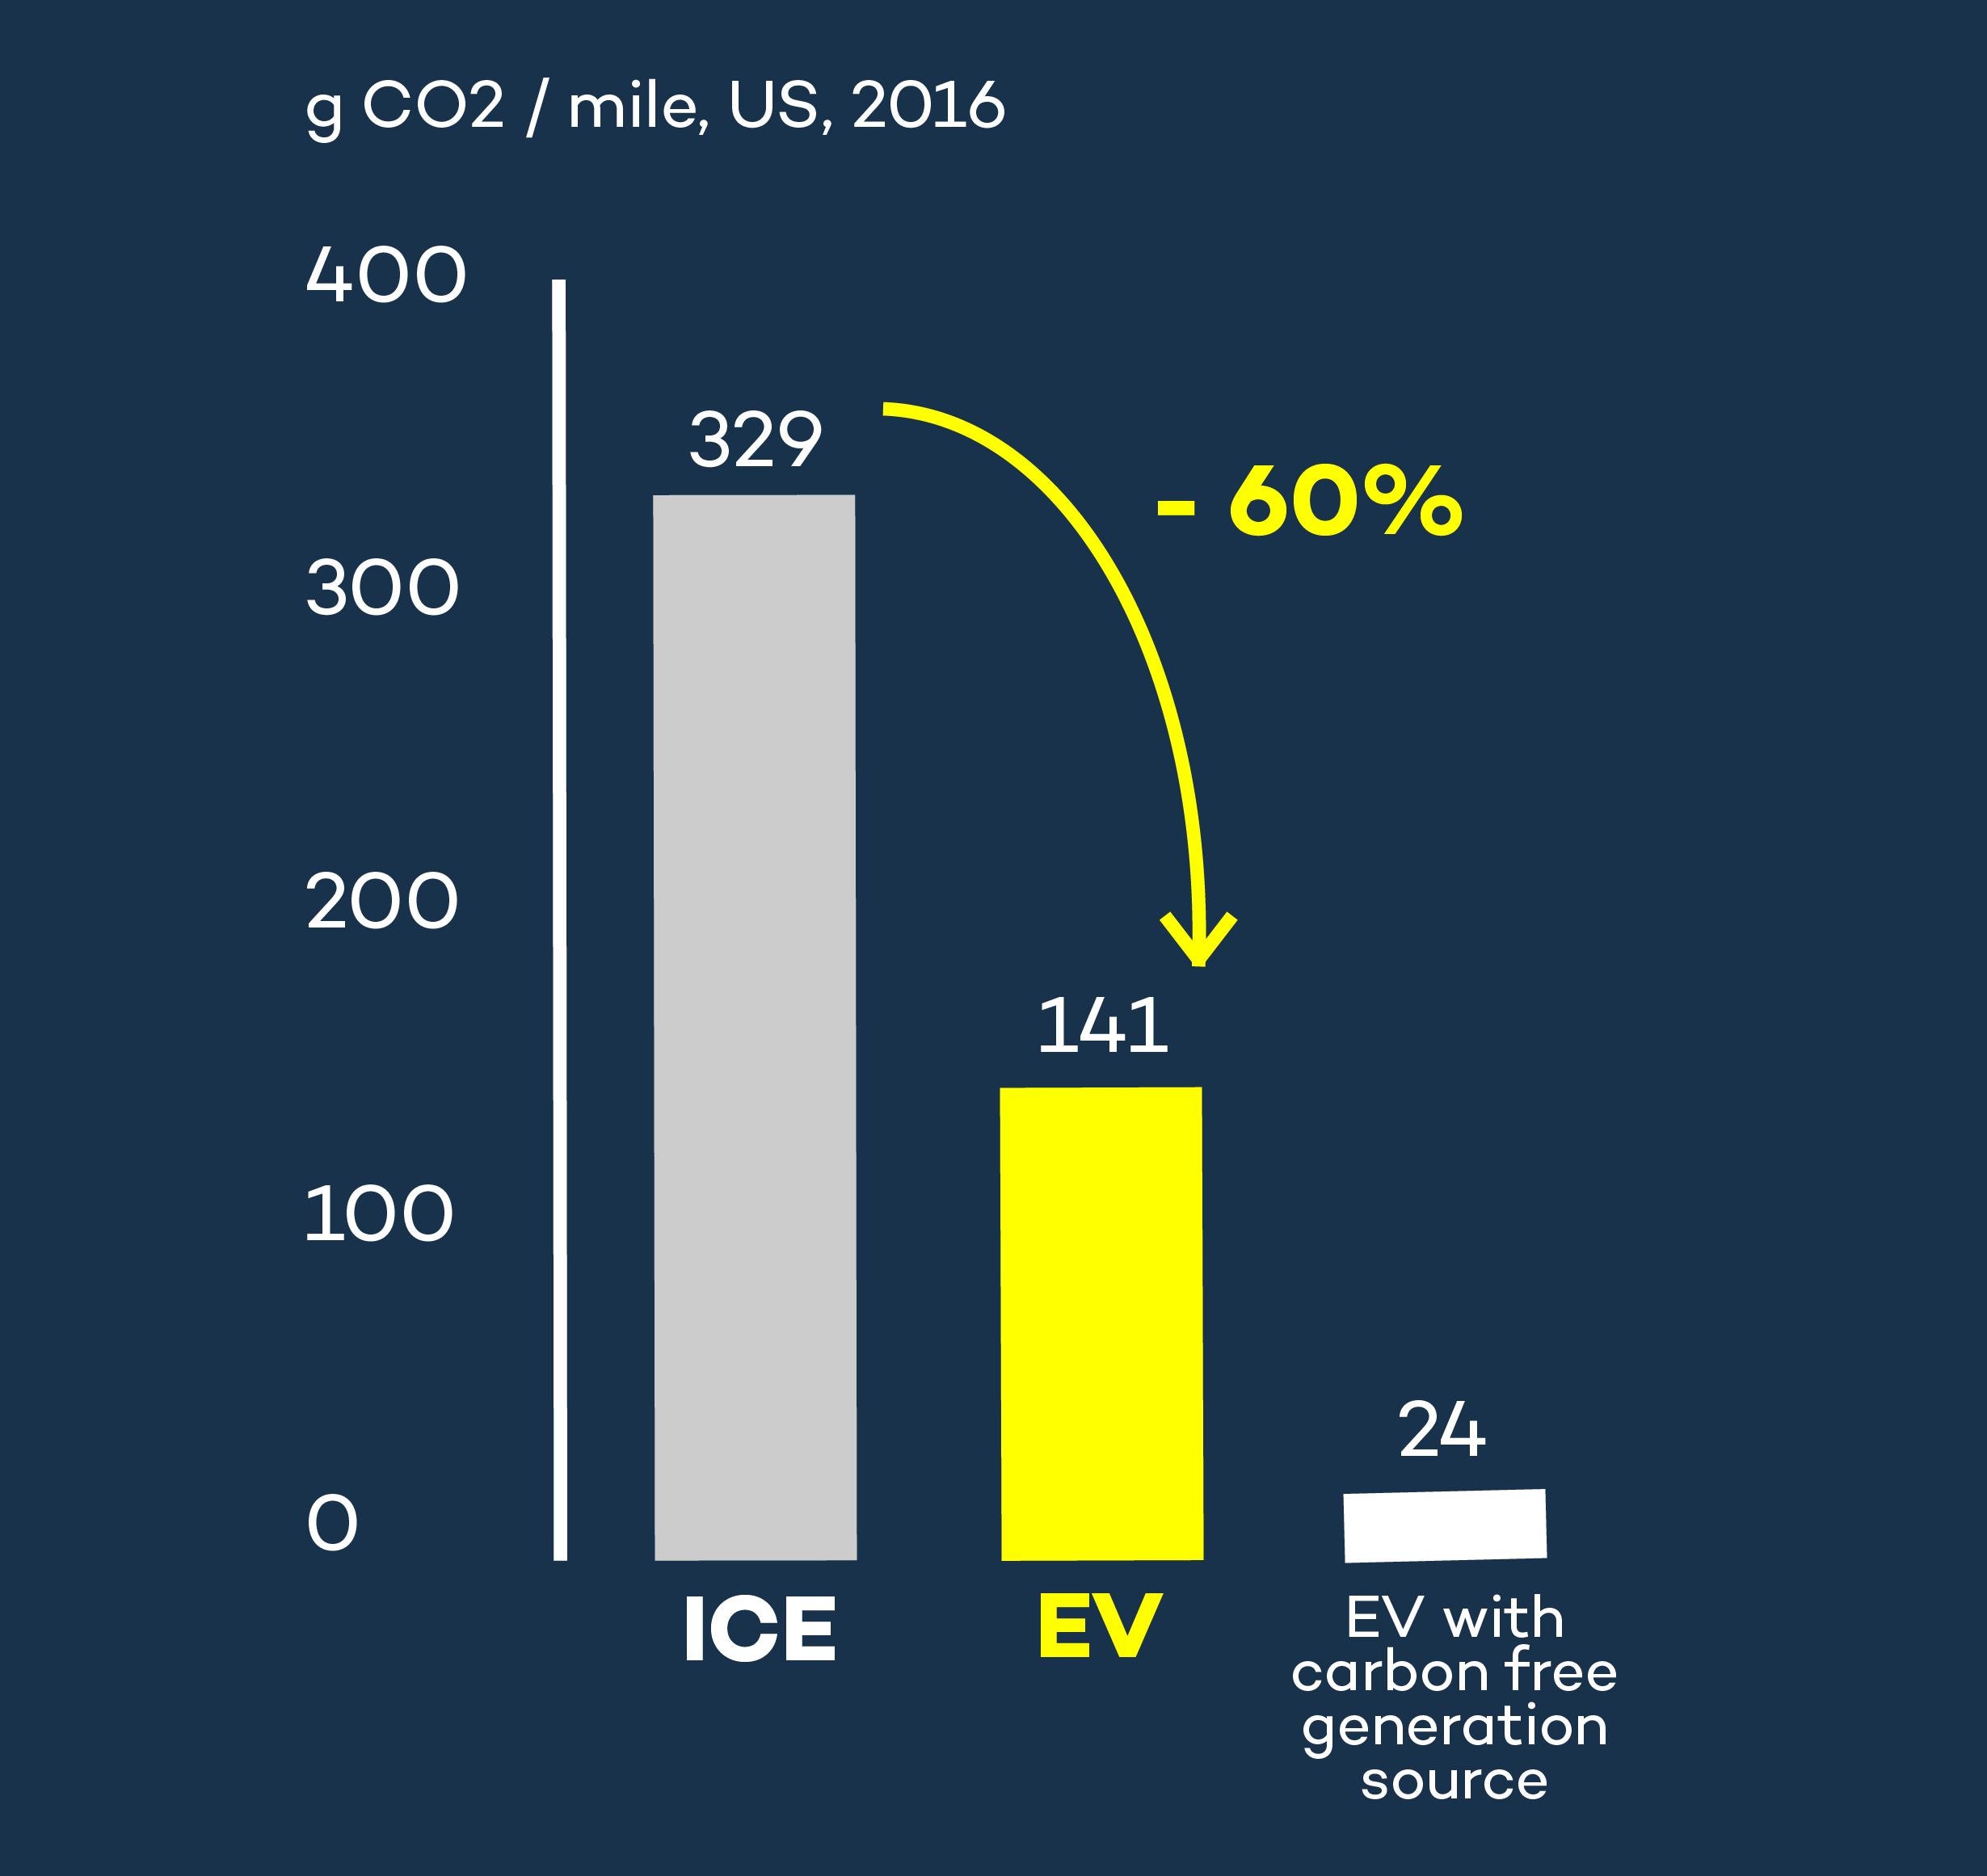 emissions_epa_ies.png